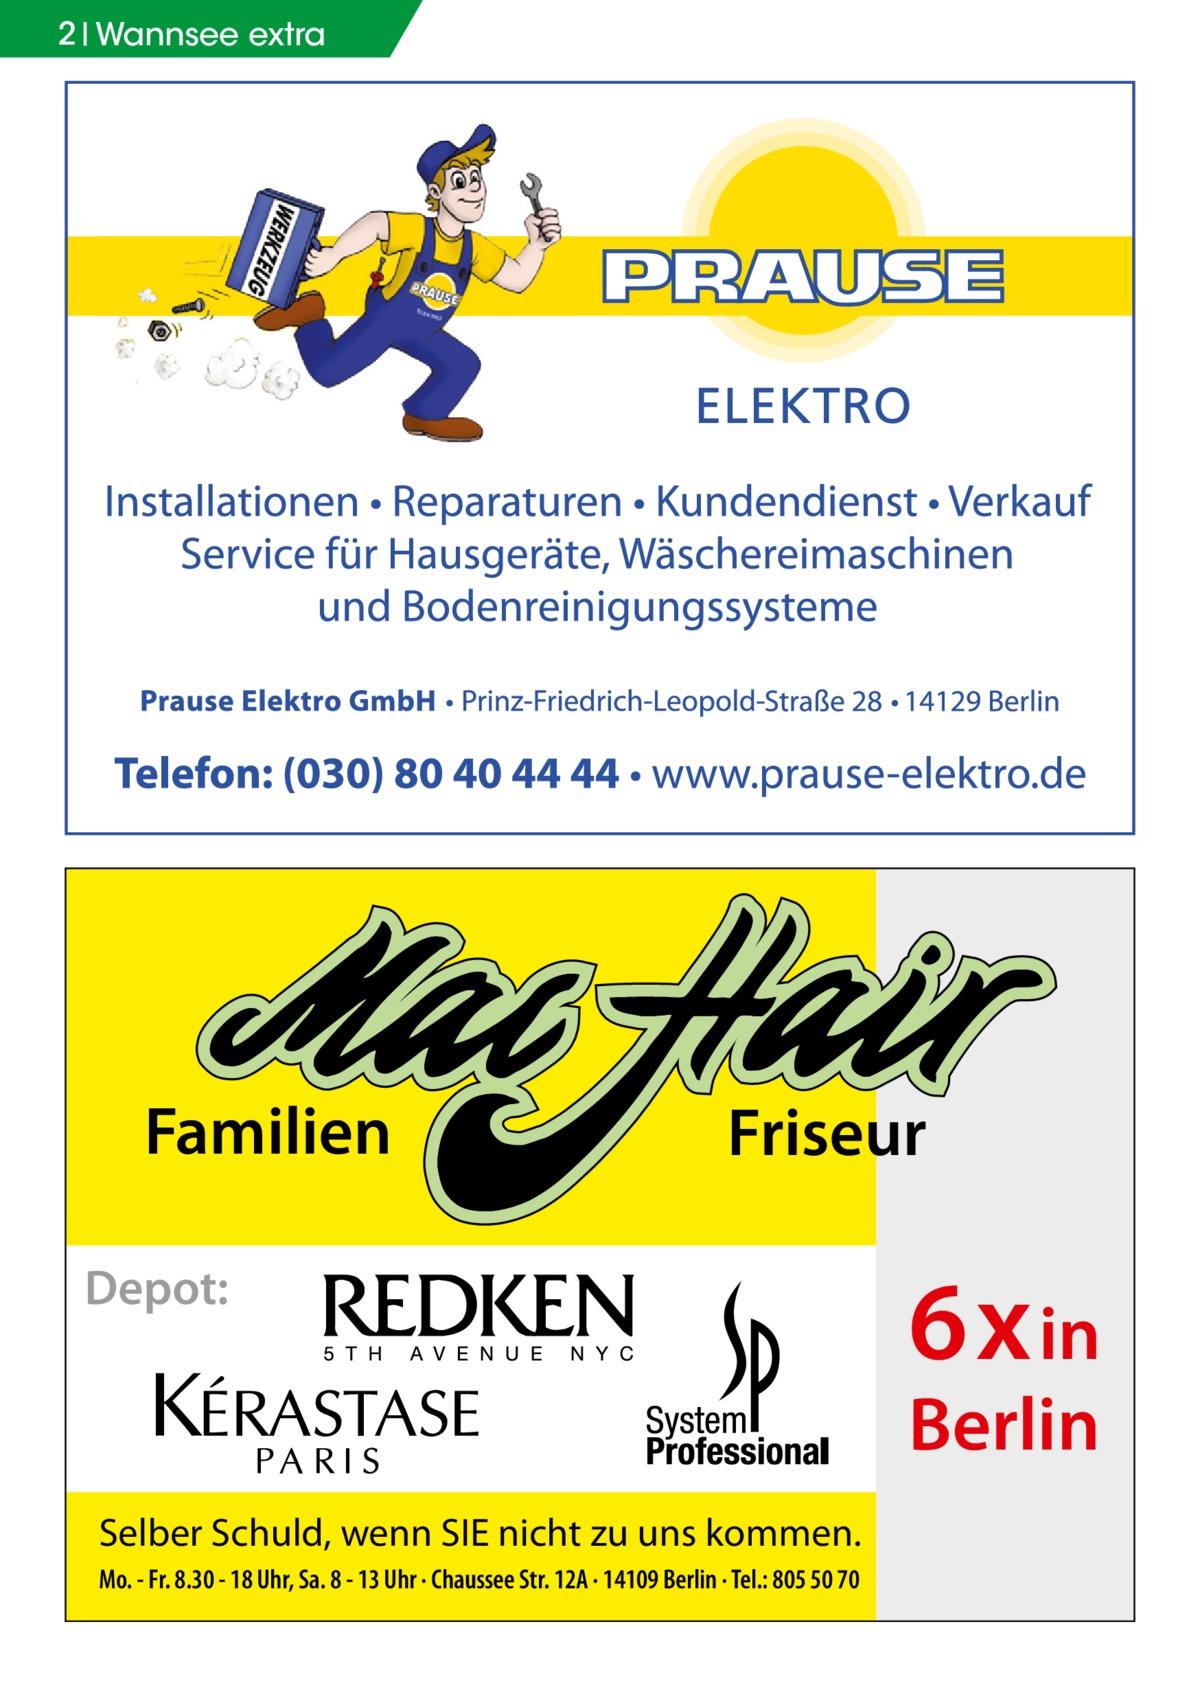 2 Wannsee extra  Familien  Friseur  Depot:  6x in Berlin  Selber Schuld, wenn SIE nicht zu uns kommen. Mo. - Fr. 8.30 - 18 Uhr, Sa. 8 - 13 Uhr · Chaussee Str. 12A · 14109 Berlin · Tel.: 805 50 70